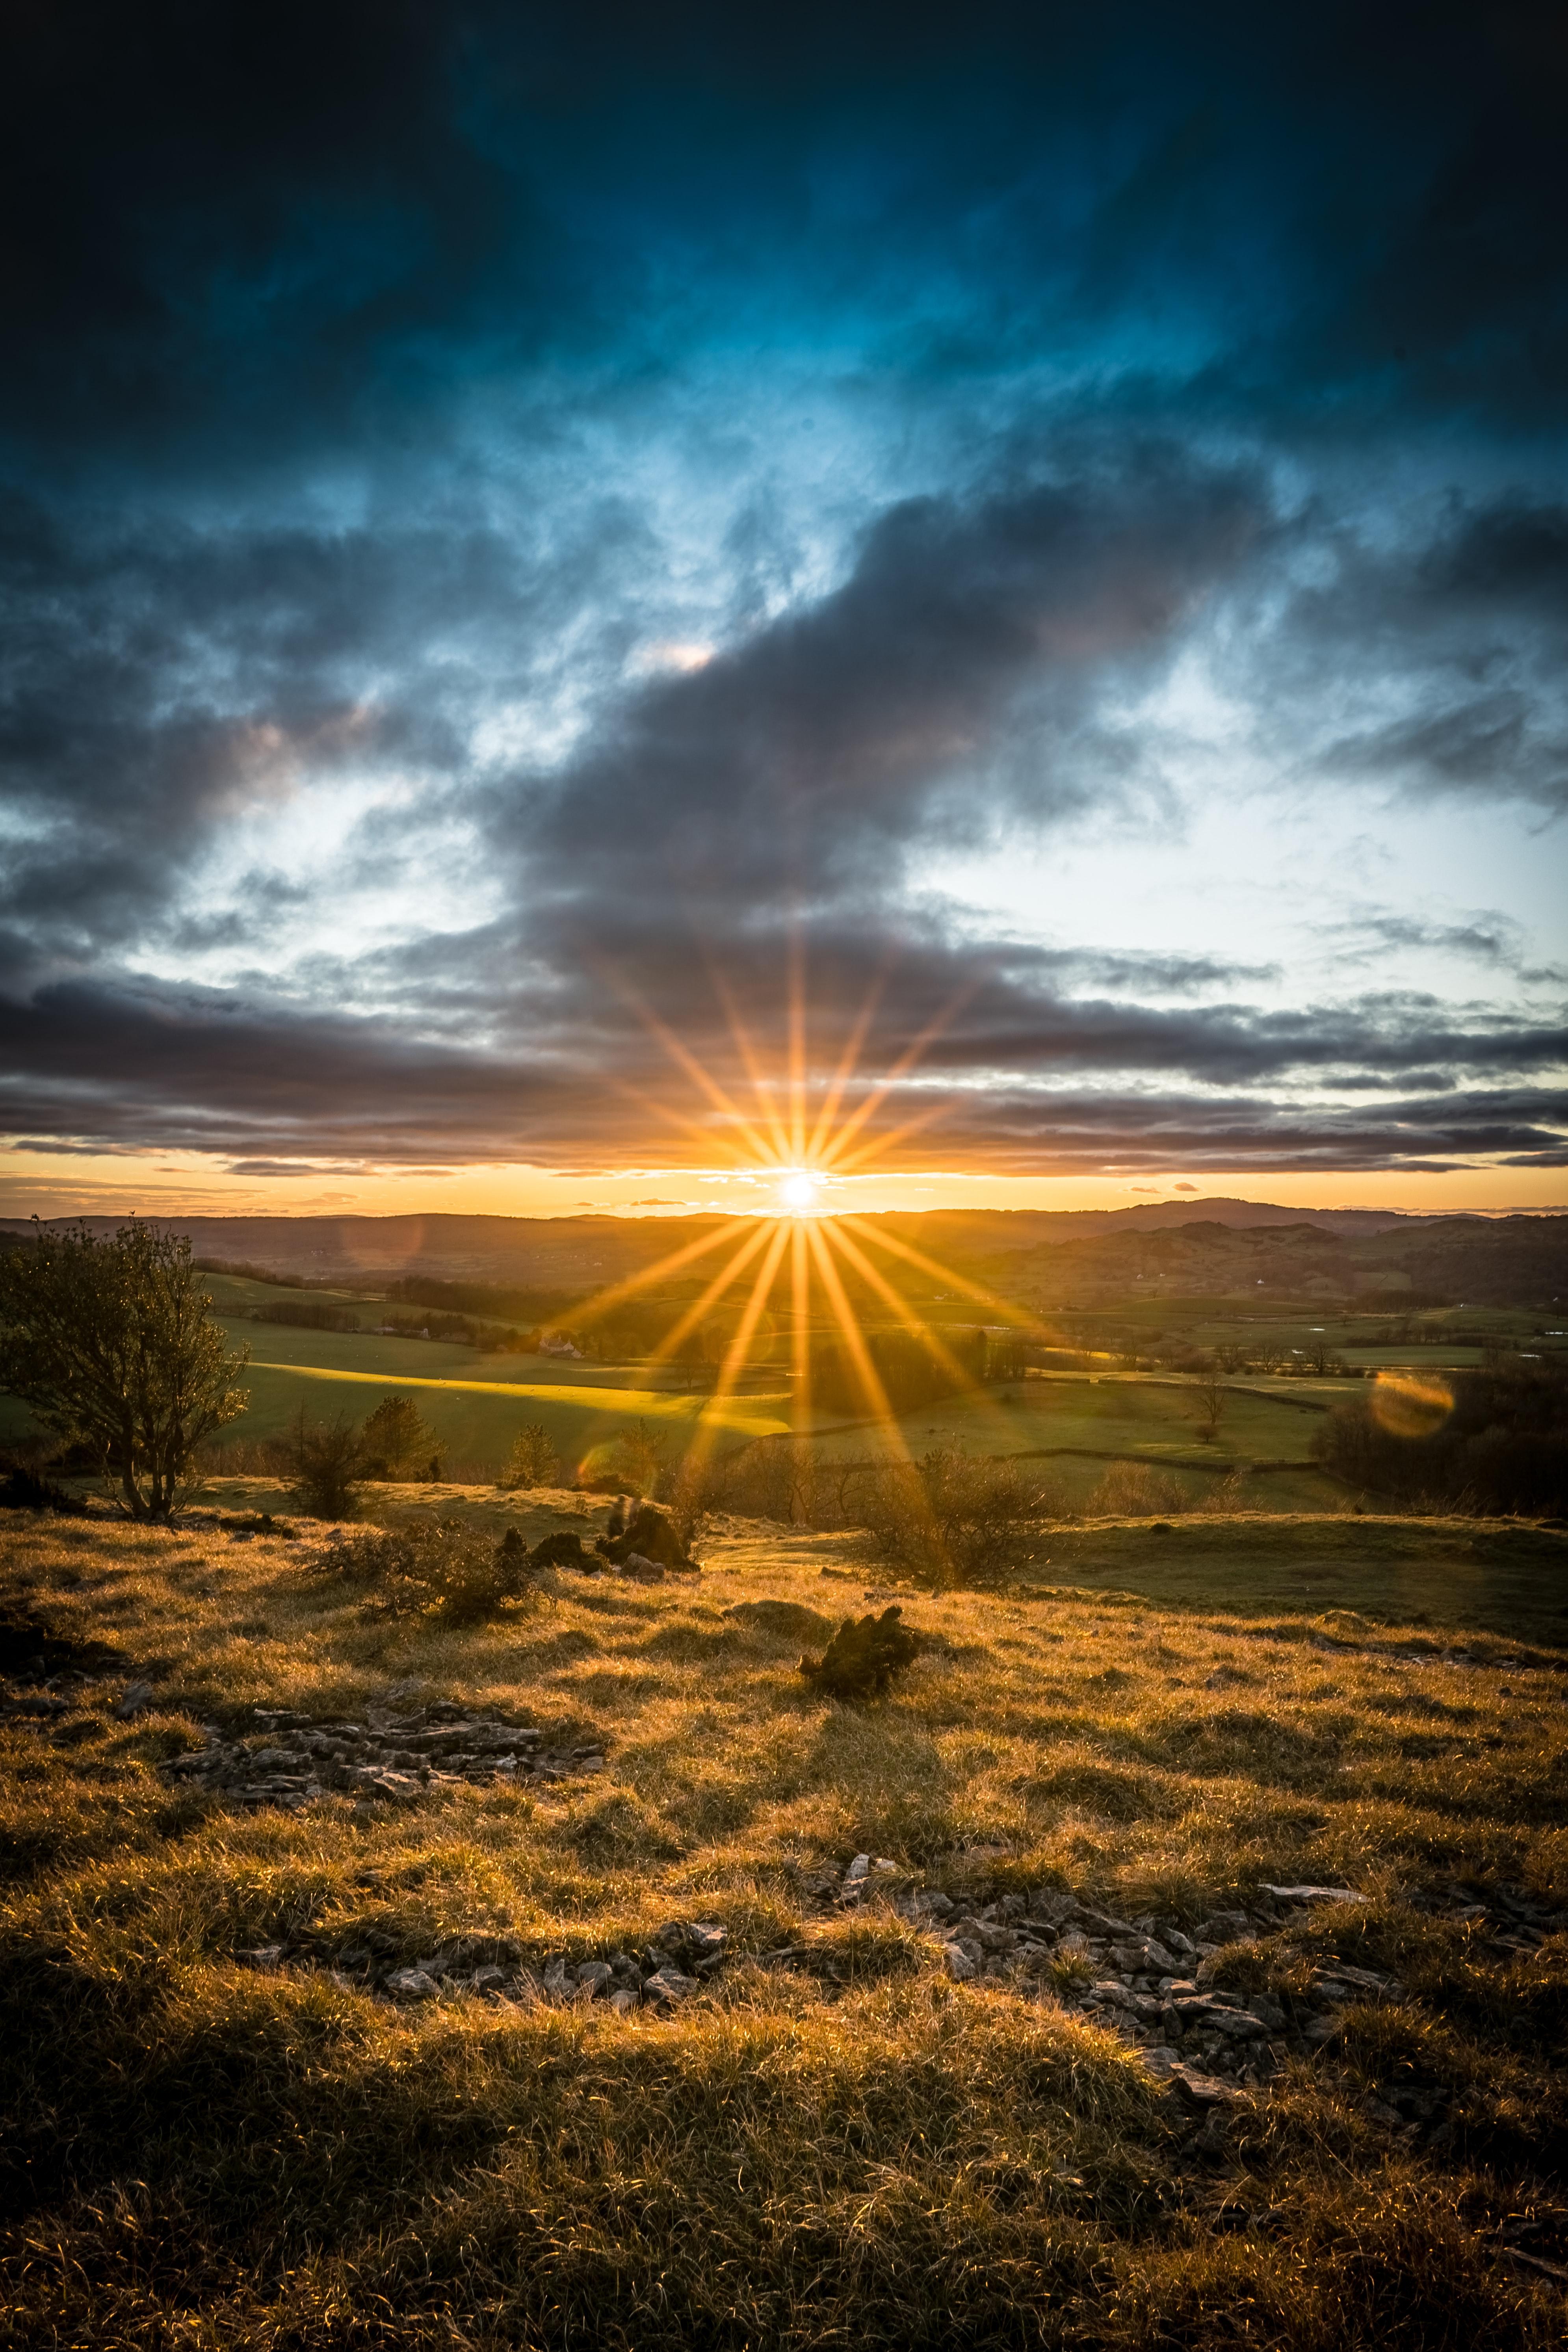 54935壁紙のダウンロード自然, 日没, ビーム, 光線, 輝く, 光, フィールド, 畑, サン, 風景-スクリーンセーバーと写真を無料で